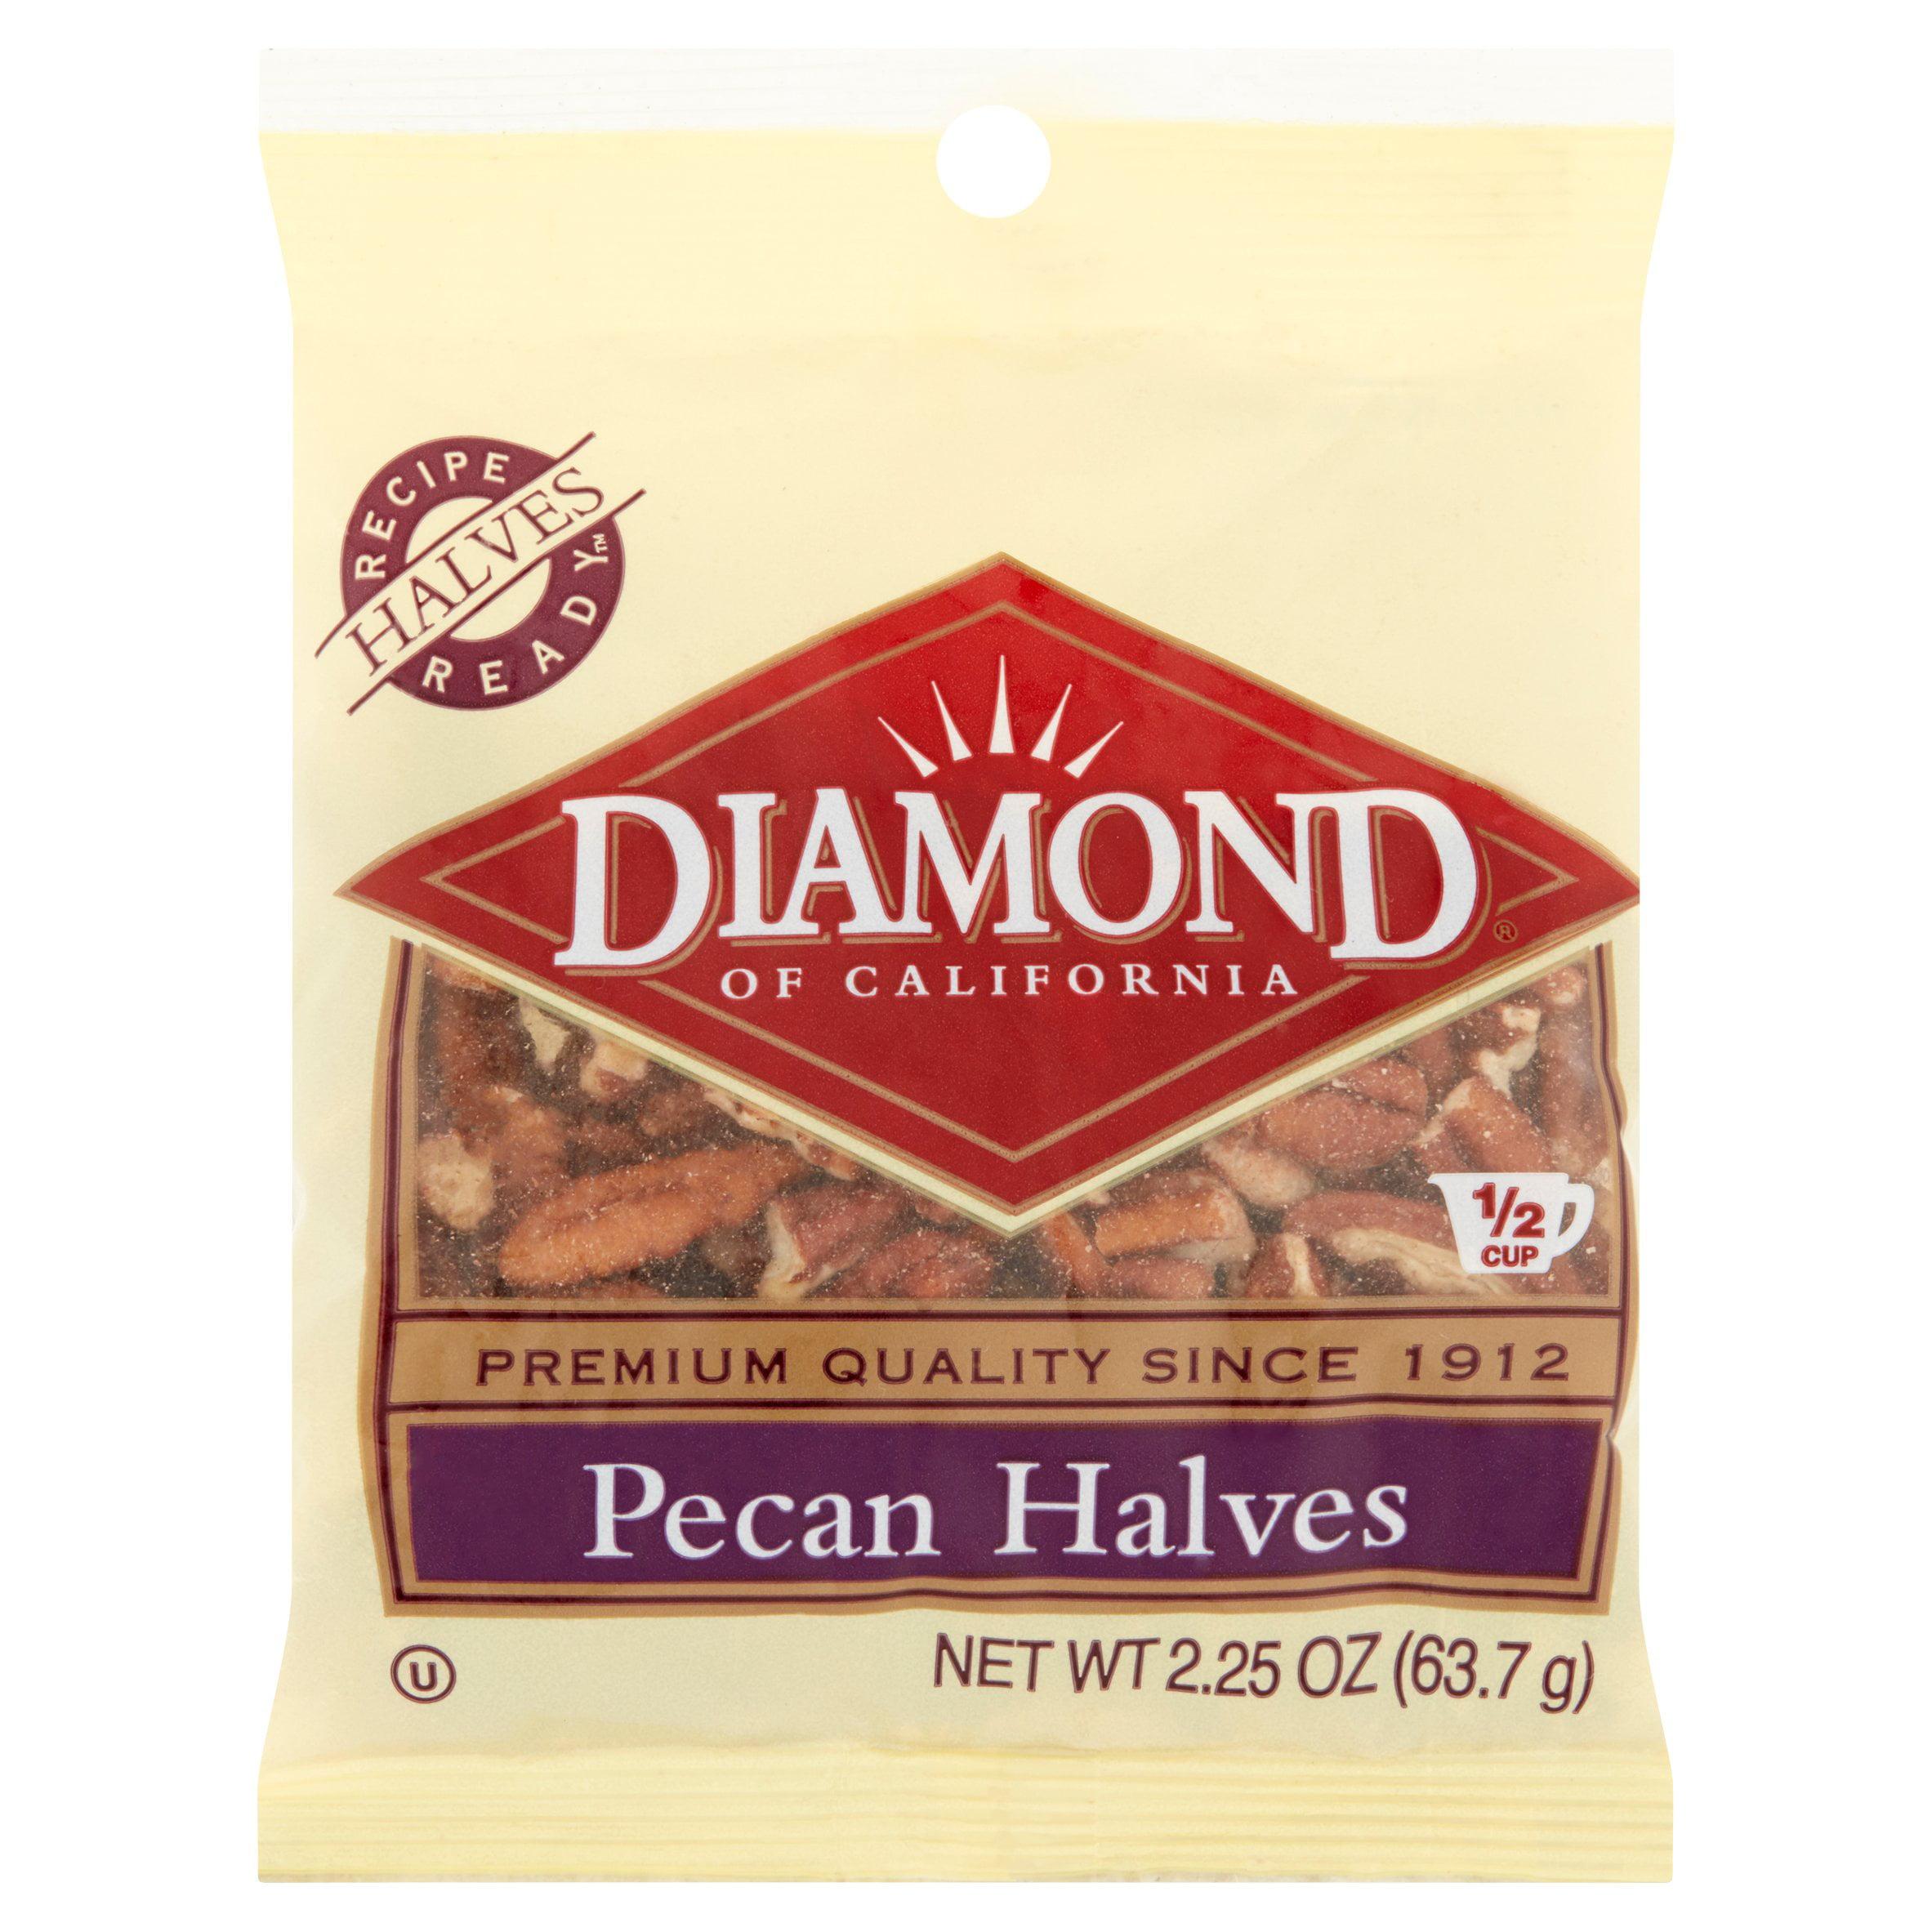 Diamond Of California Pecan Halves, 2.25 OZ by Diamond Foods, Inc.